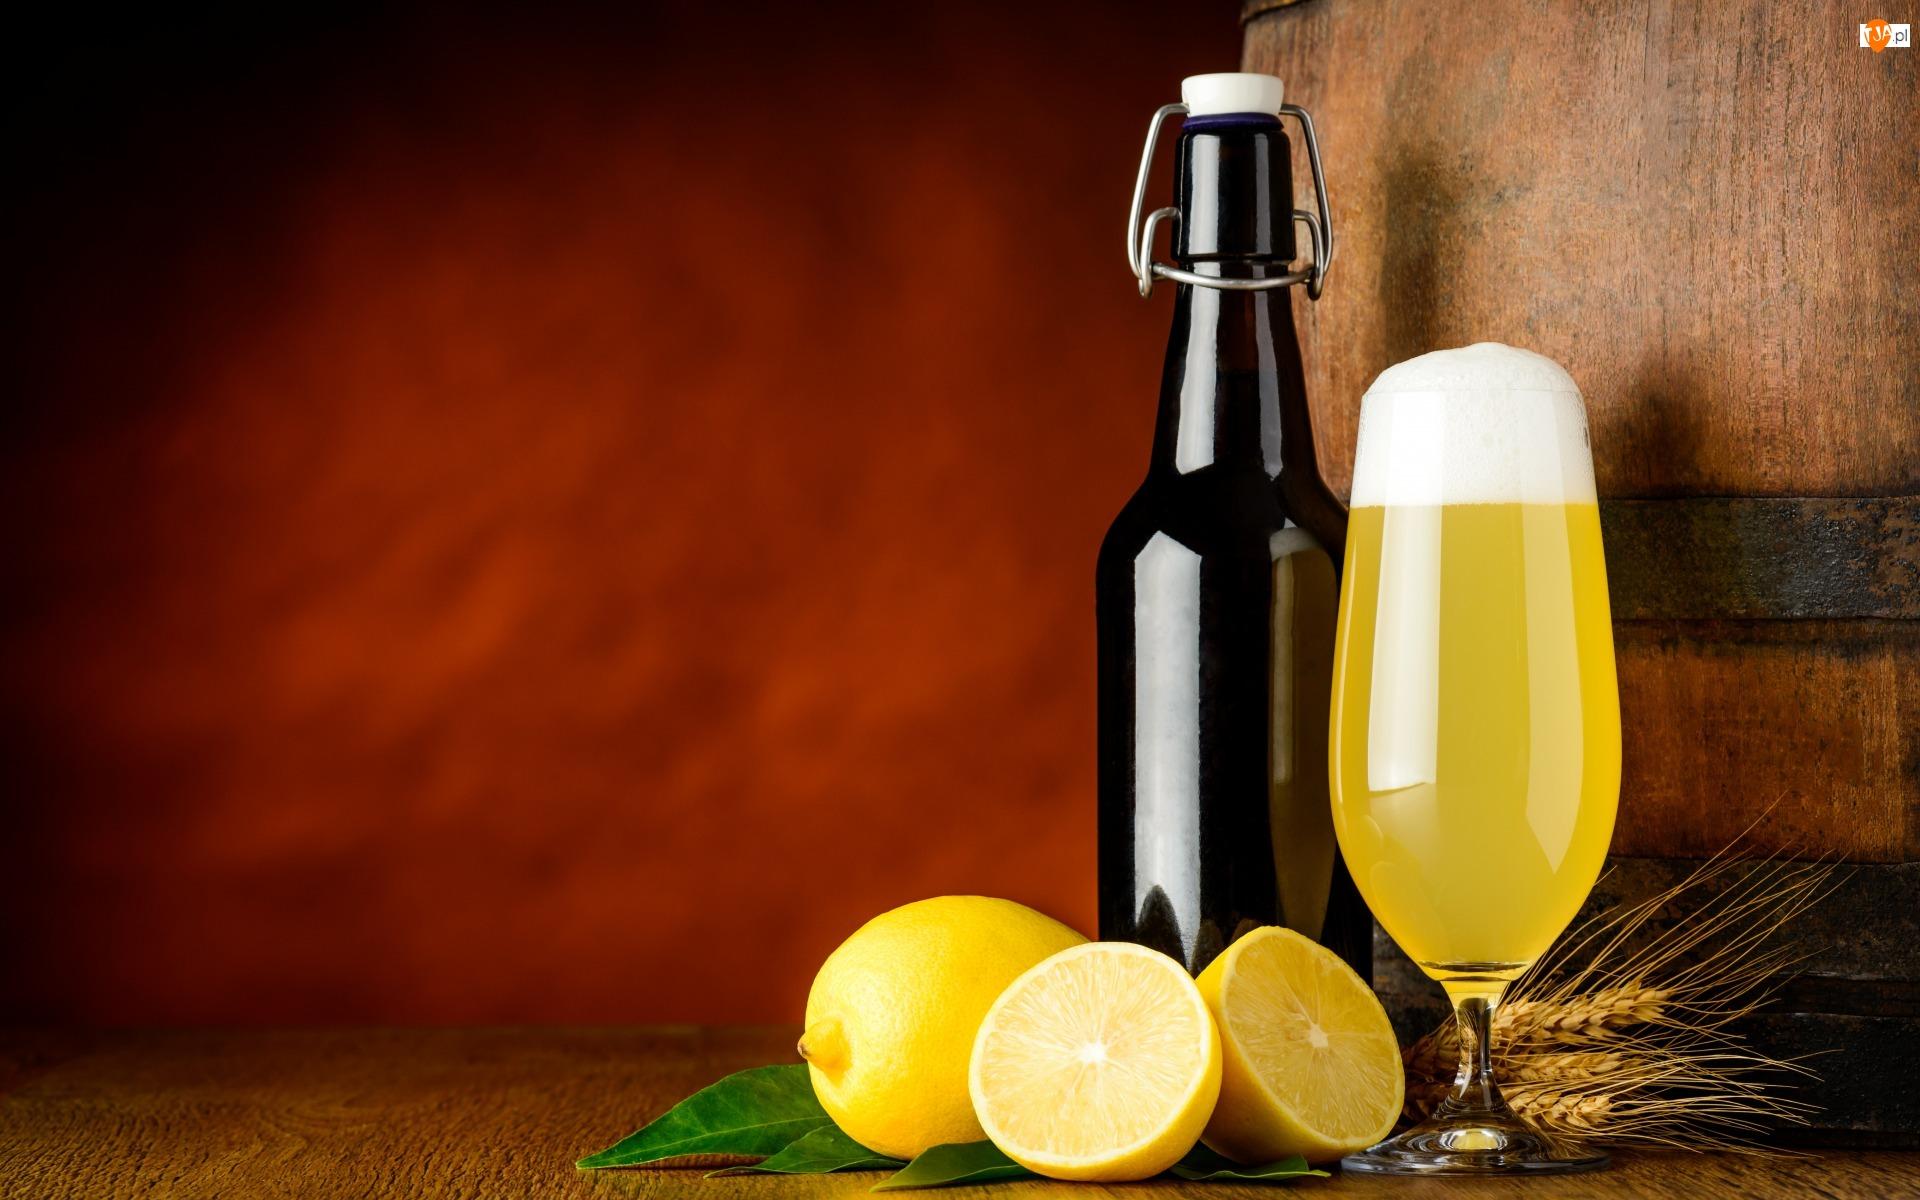 Zboże, Owoce, Piwo, Alkohol, Kłosy, Butelka, Cytryna